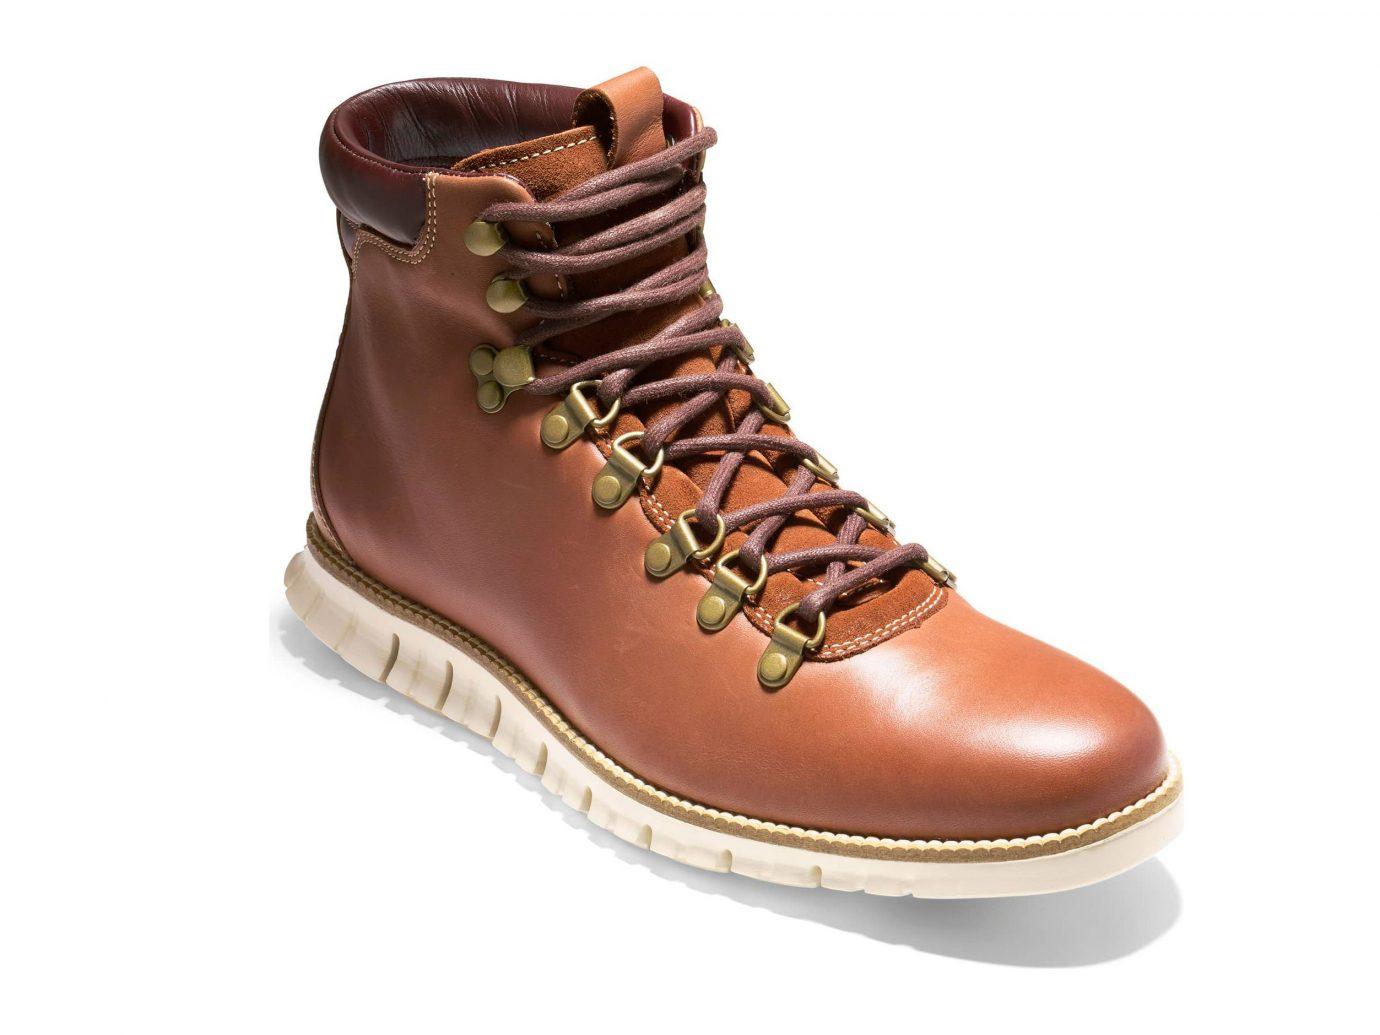 Cole Haan Men's ZERØGRAND Water Resistant Hiker Boot